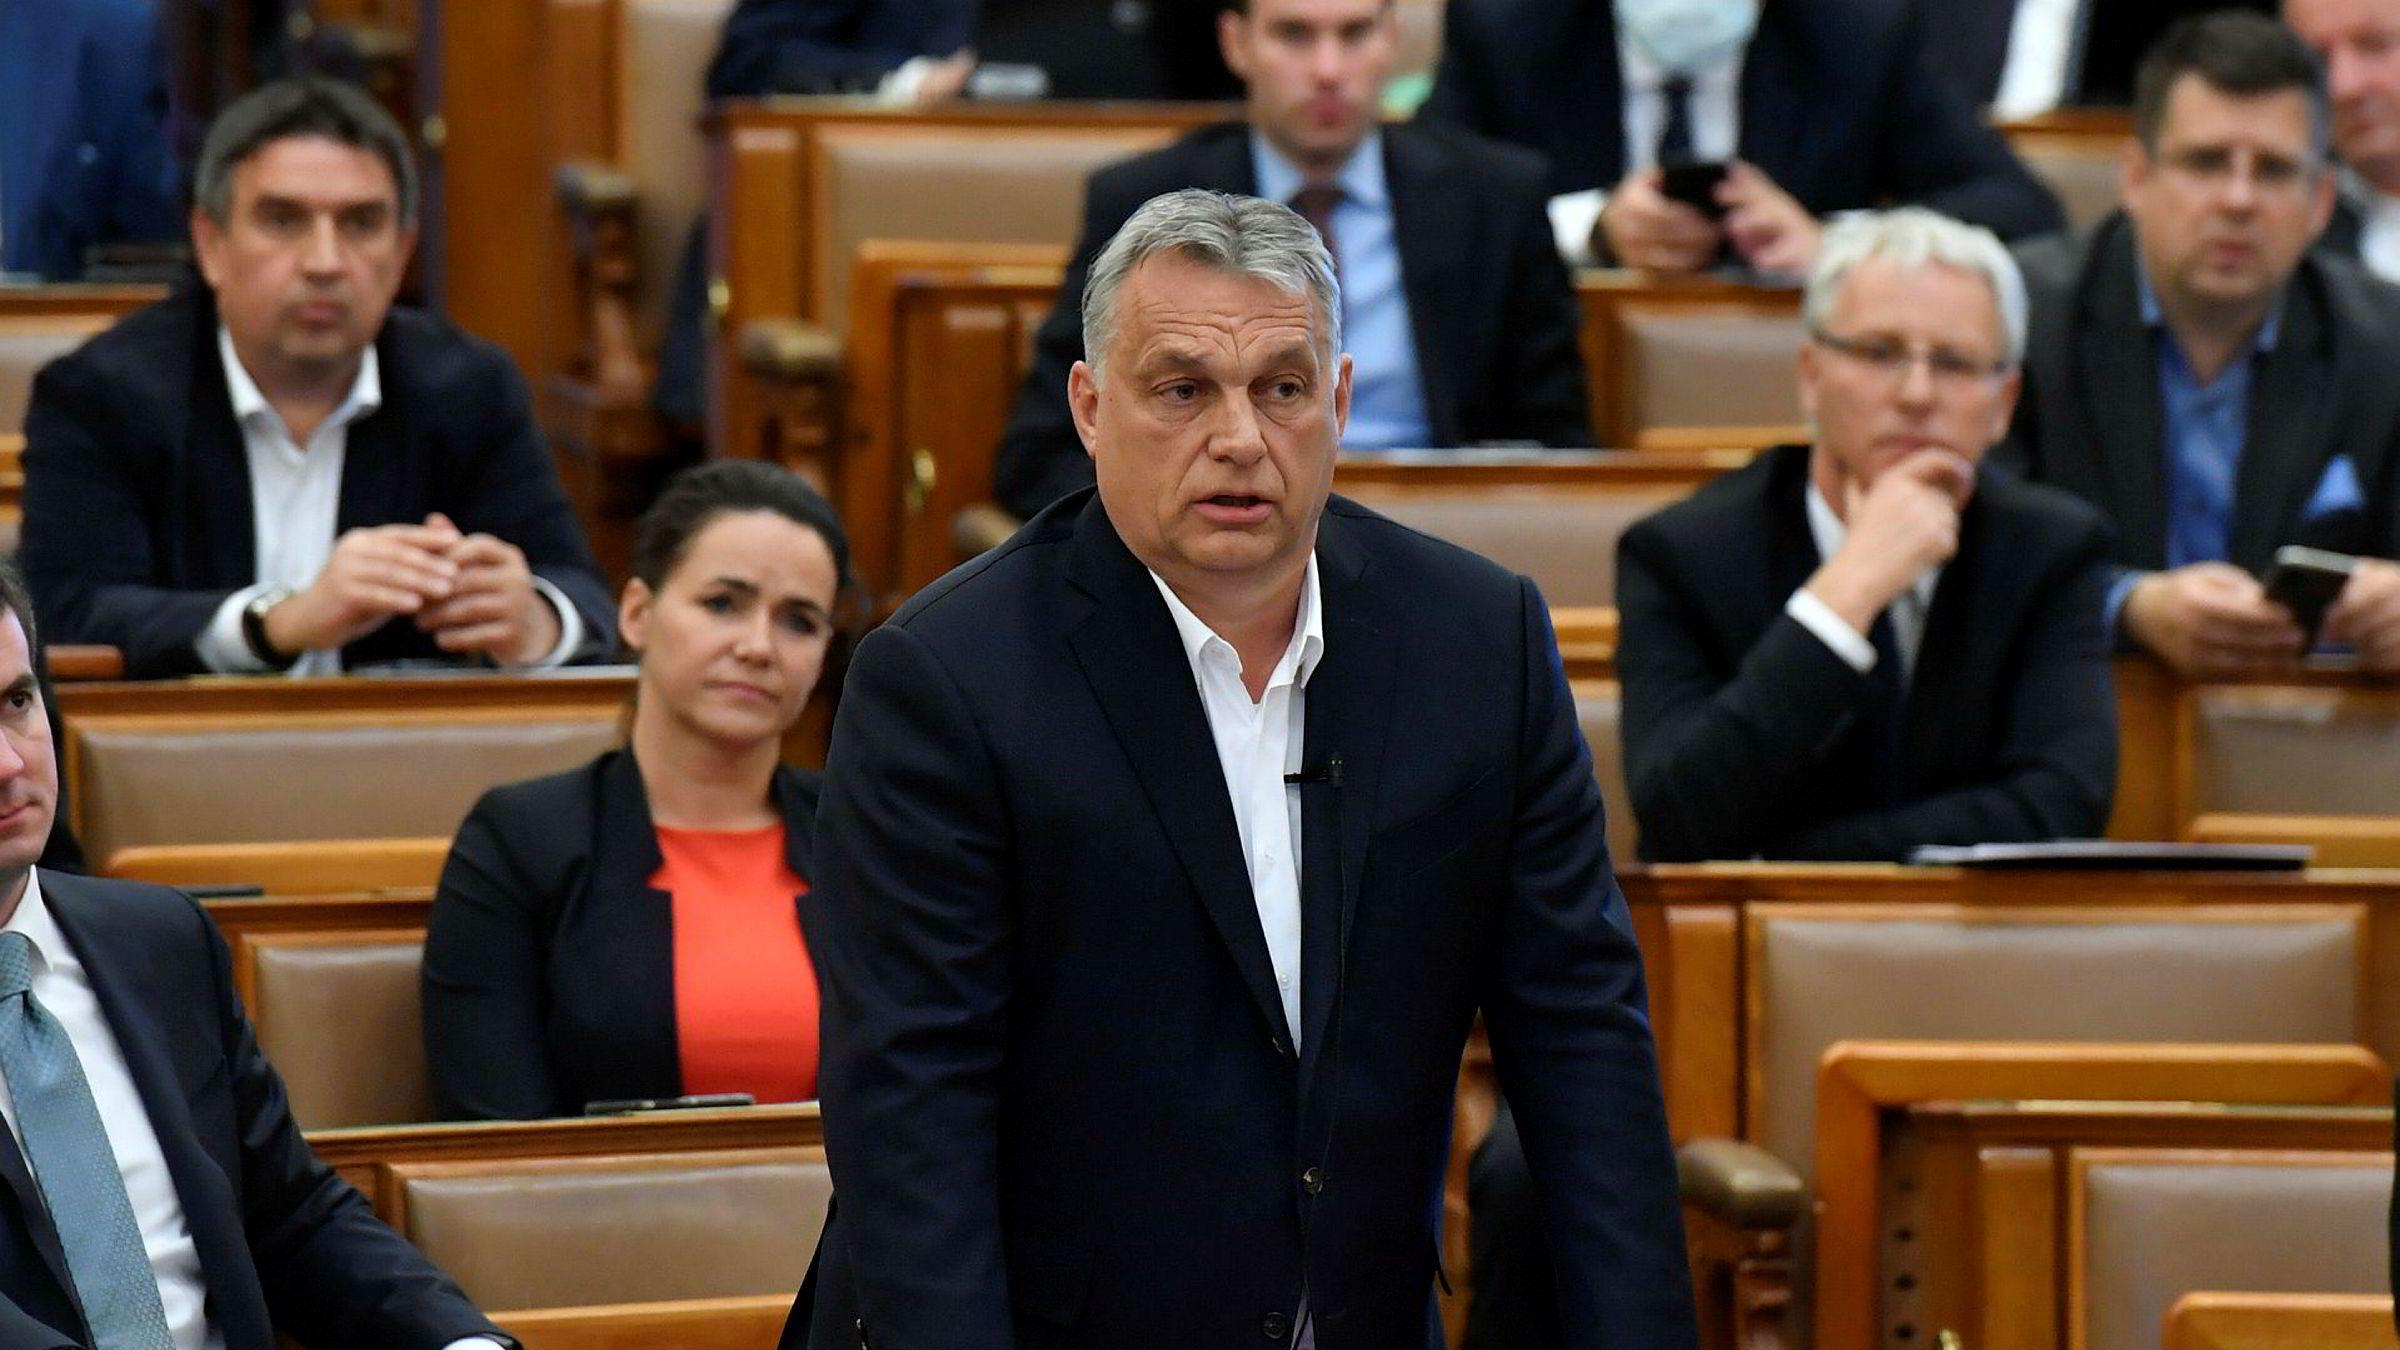 Ungarns statsminister Viktor Orbán har vært en kløpper i å utnytte demokratiets muligheter til å undergrave det, skriver artikkelforfatteren. Orbán har sikret seg ekstraordinær makt for å bekjempe koronaviruset.